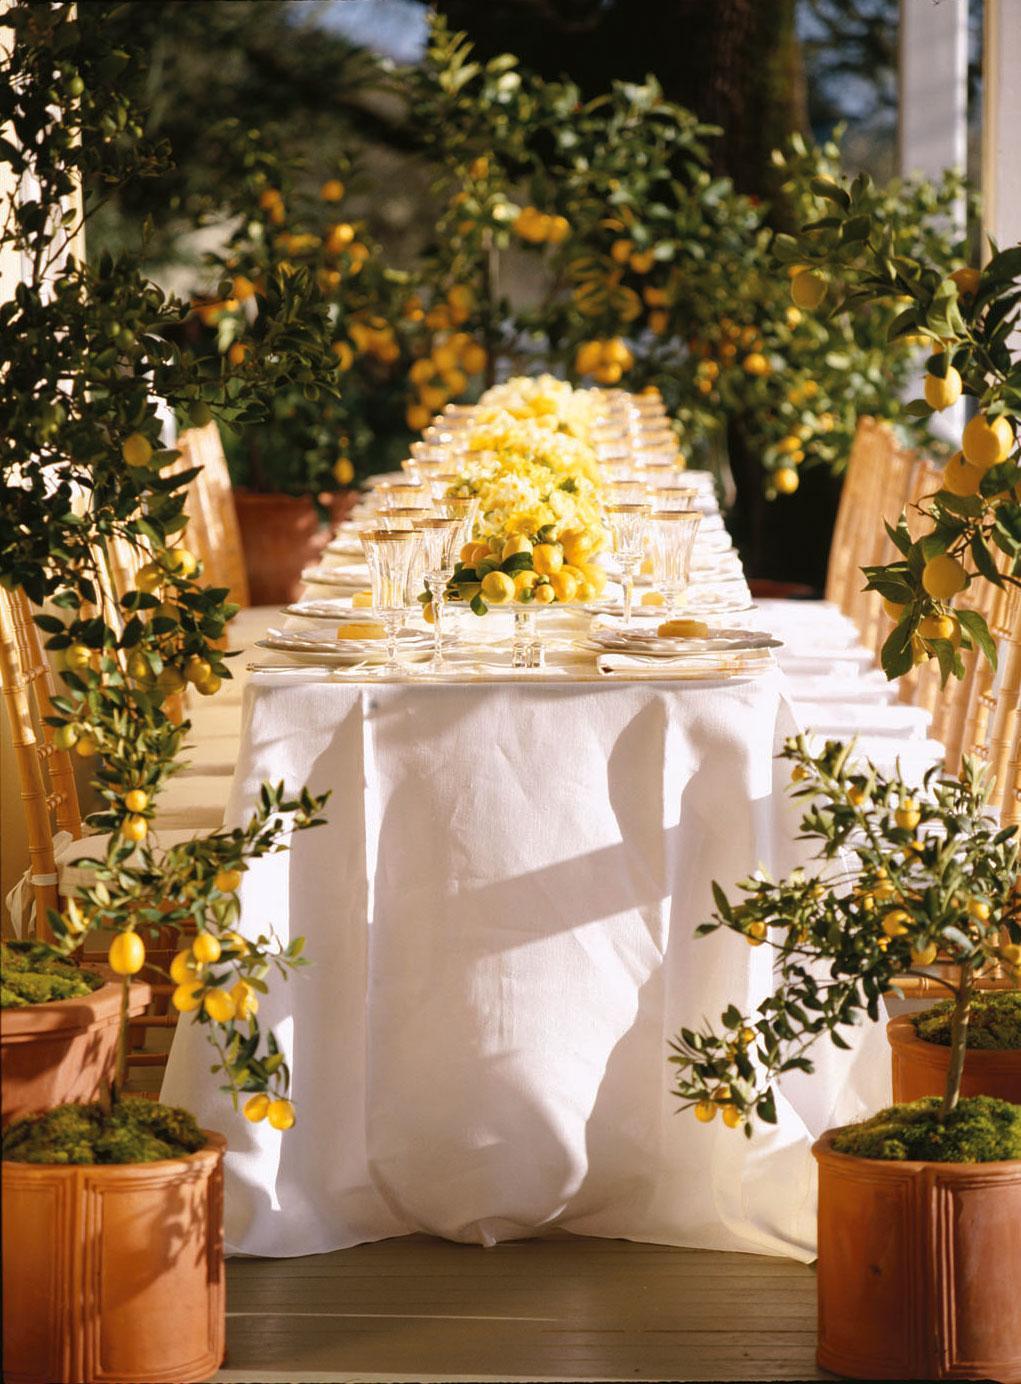 Lemon Dinner Party